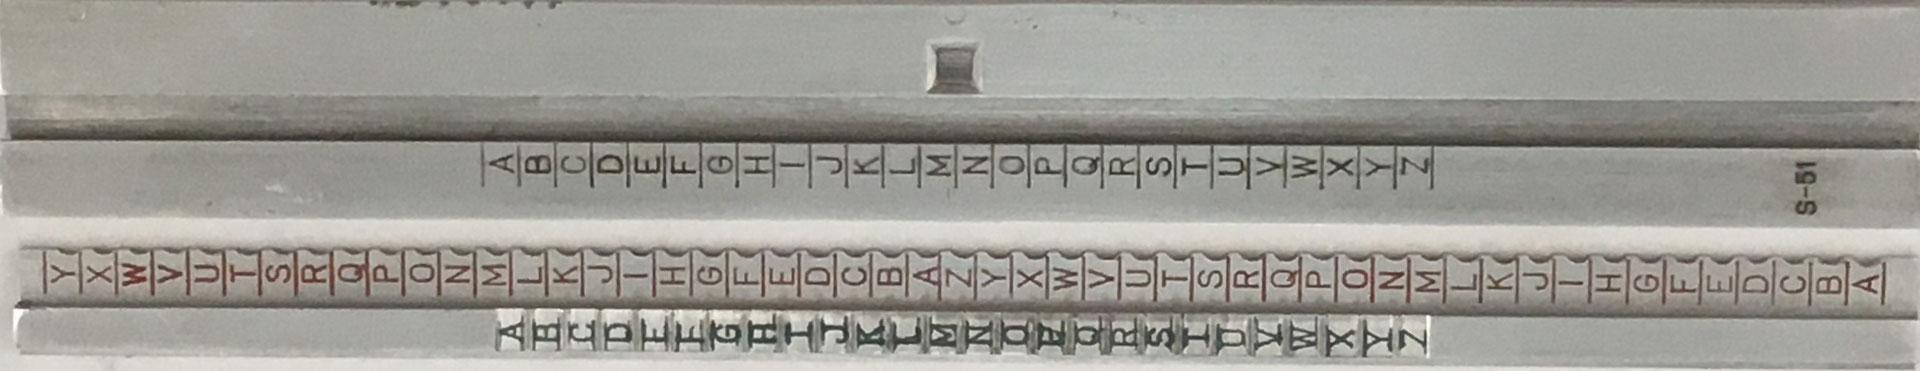 """Su funcionamiento está basado en el método de cifrado VIGENÉRE. Una ventana para cada letra """"clave"""" y 26 letras en la regla, 51 letras en la reglilla"""